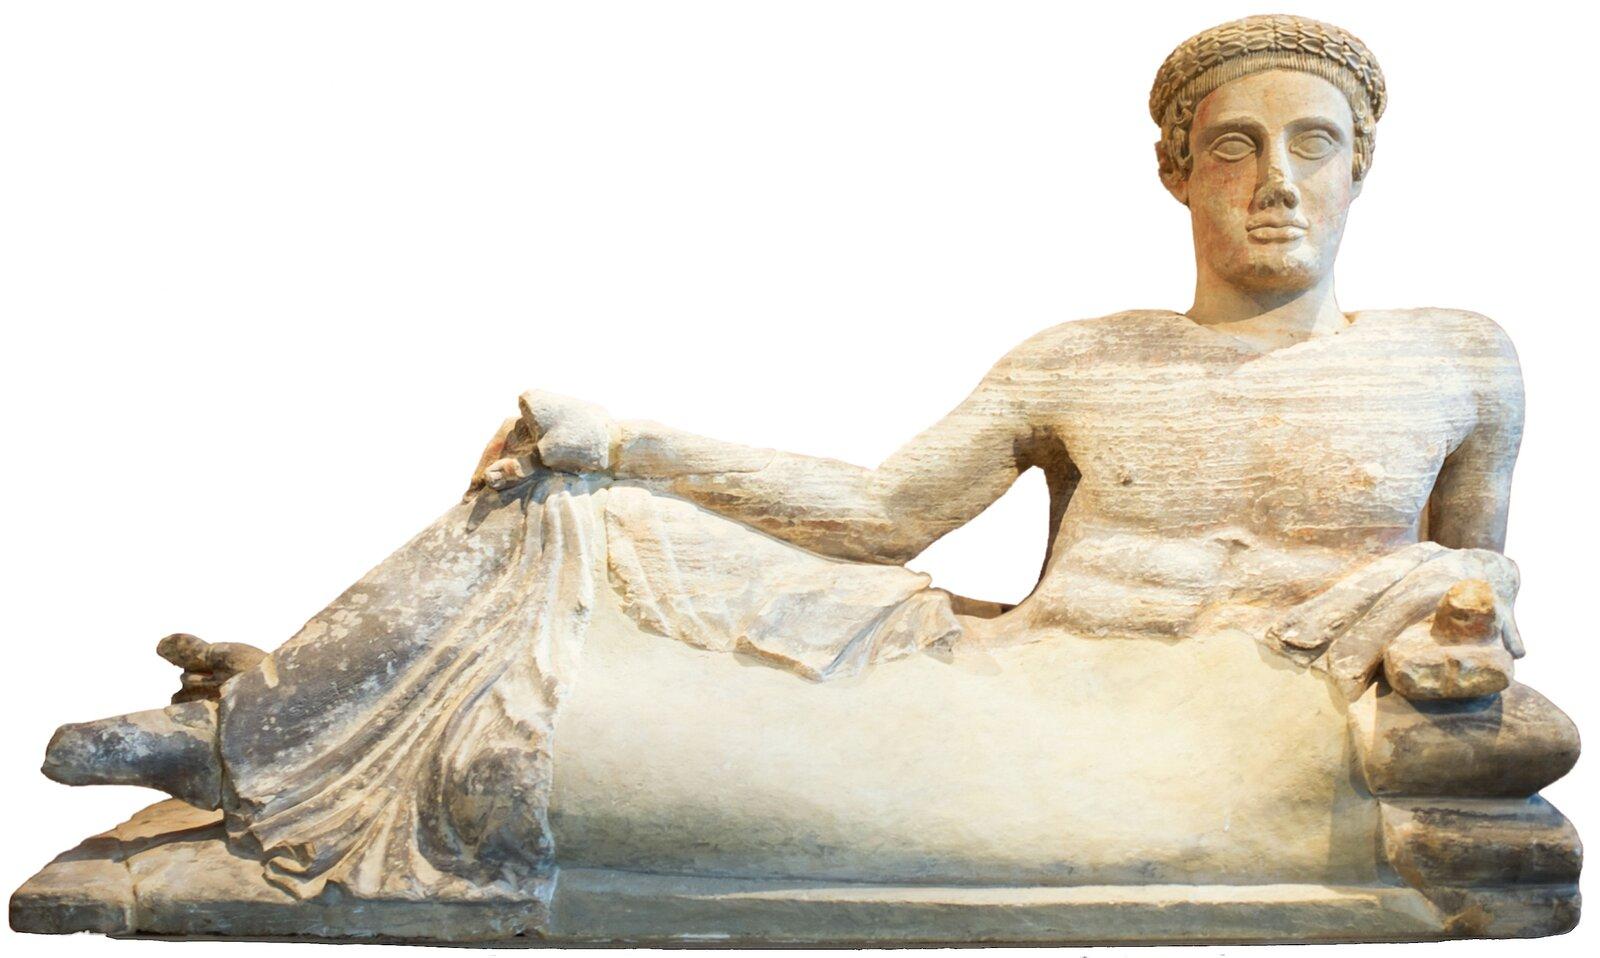 - Rzeźba przedstawiająca mężczyznę wpozycji pół leżącej na lewym boku. Na głowie ma okrągłą czapkę, ma nagi tors. Lewym łokciem wspiera się na poduszkach, prawą rękę trzyma na prawym kolanie.